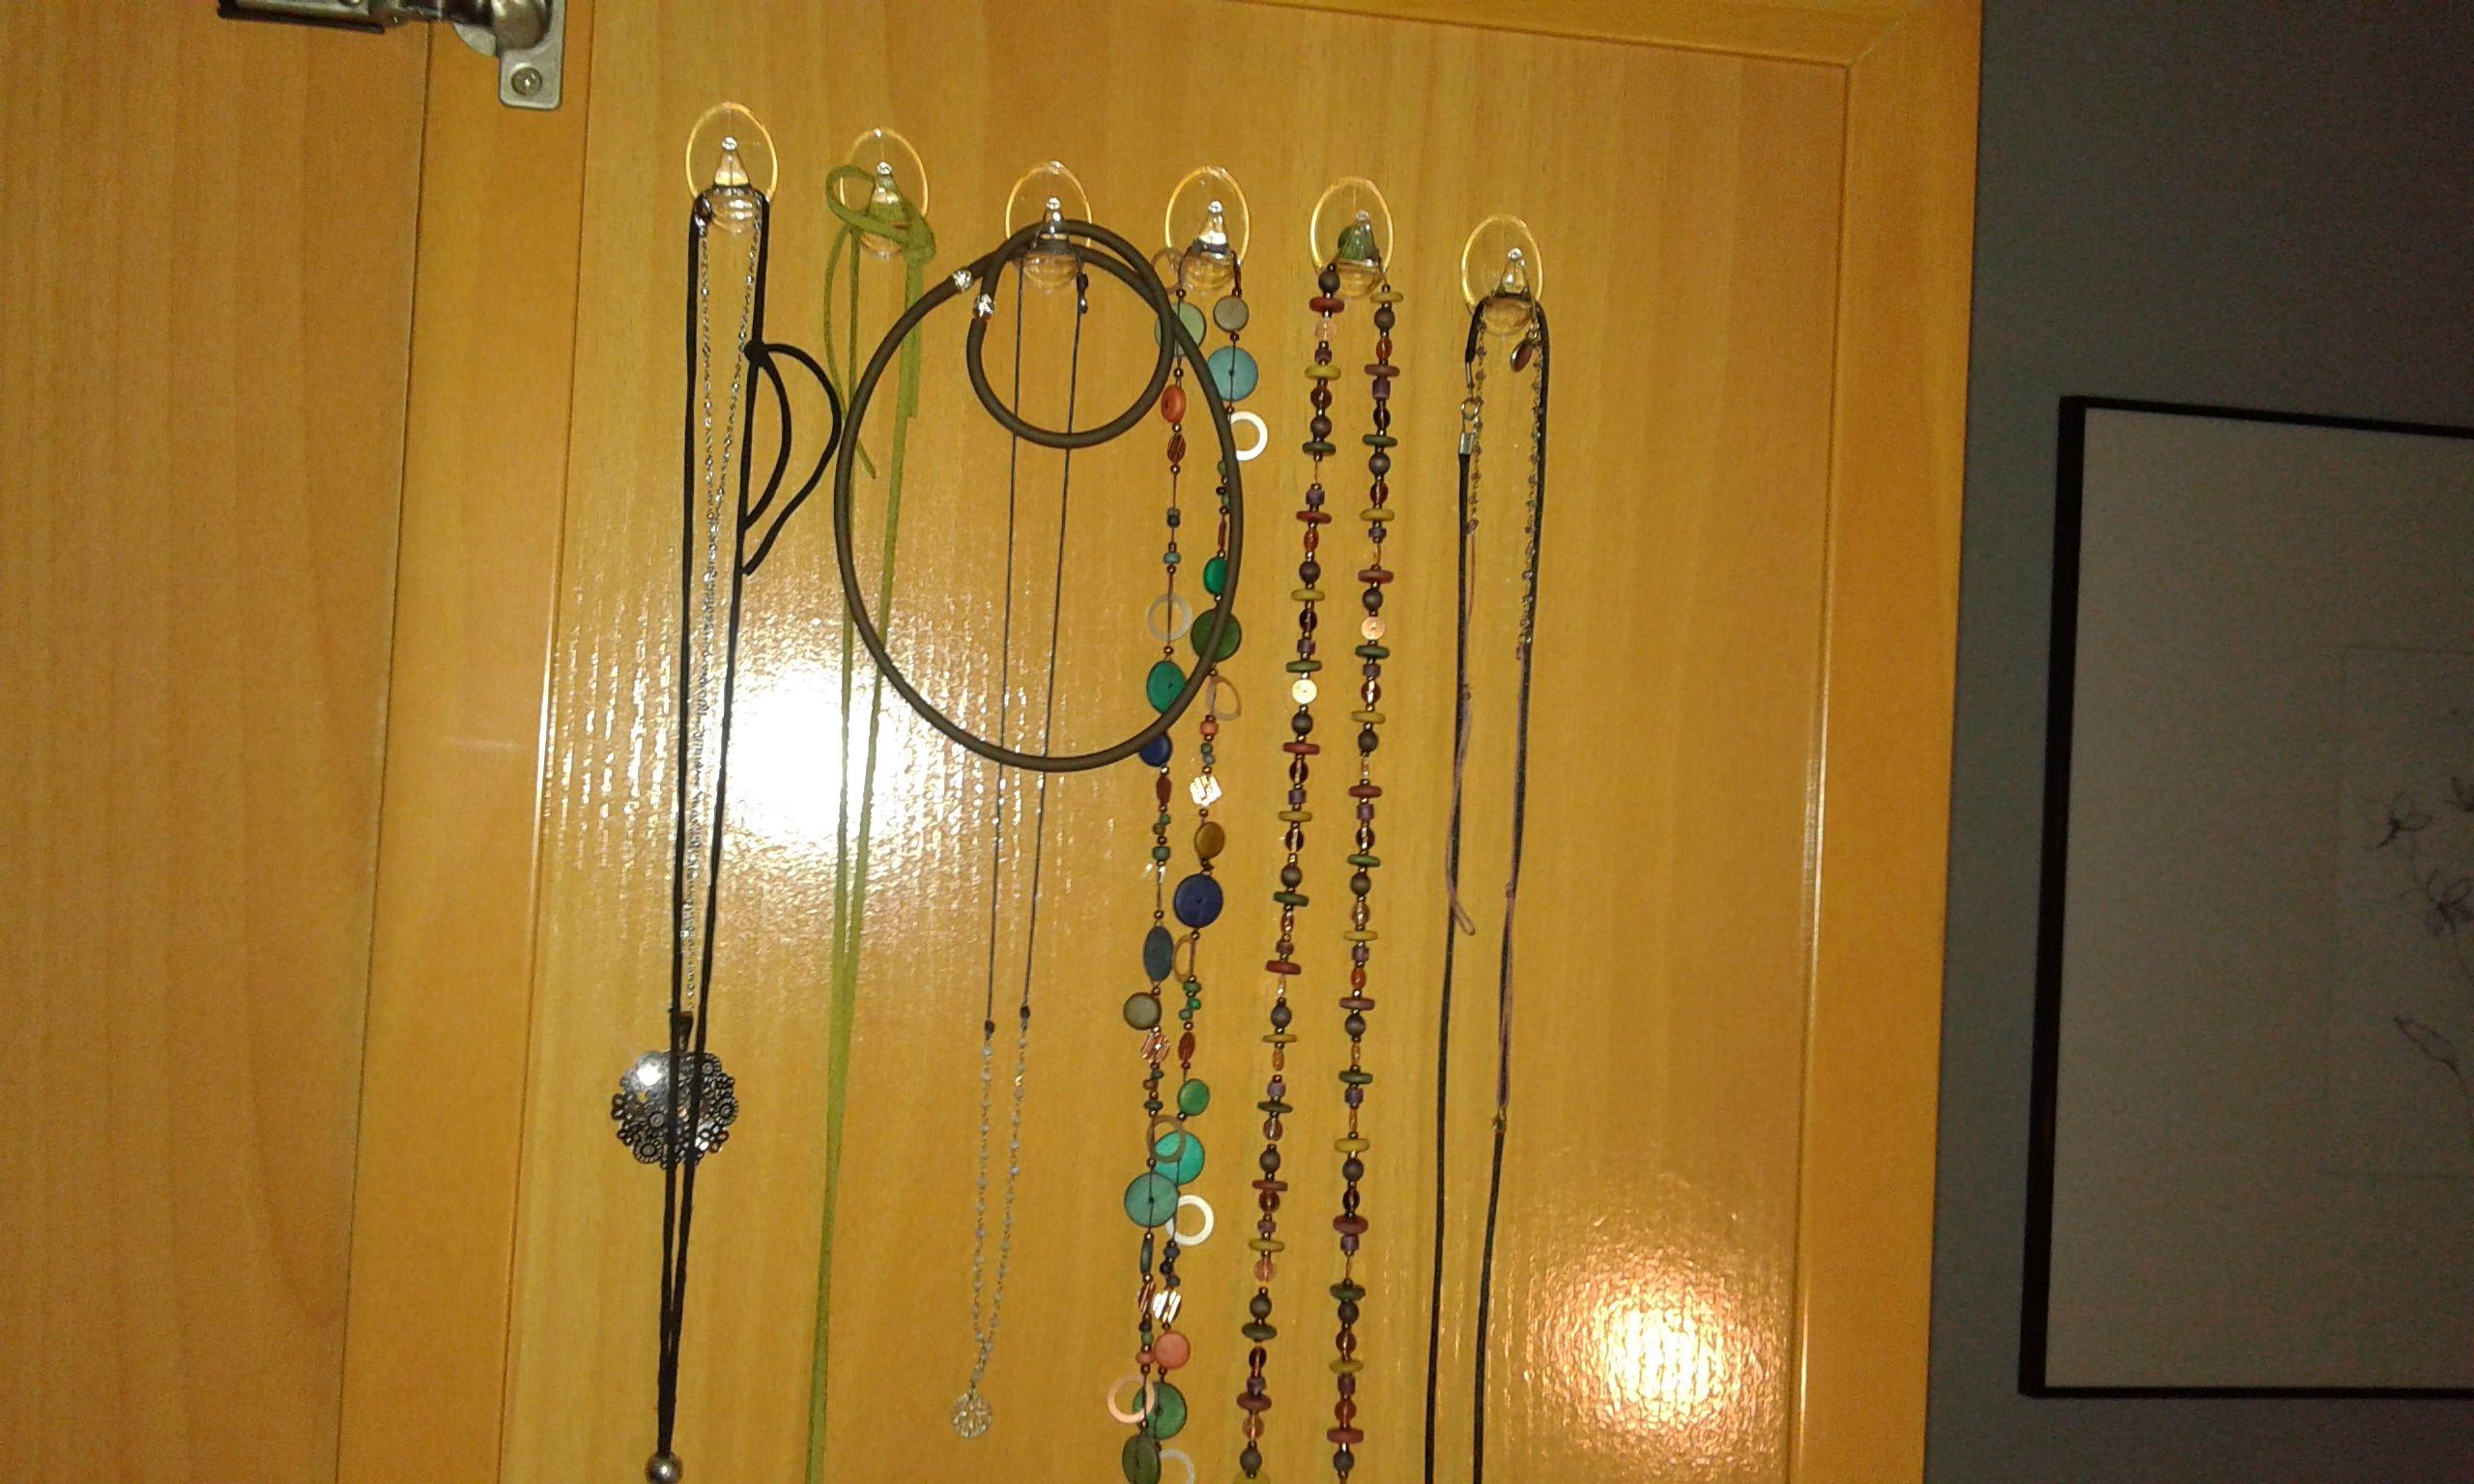 Organizaci n de armarios colgadores en la puerta de tu - Organizacion armarios ...